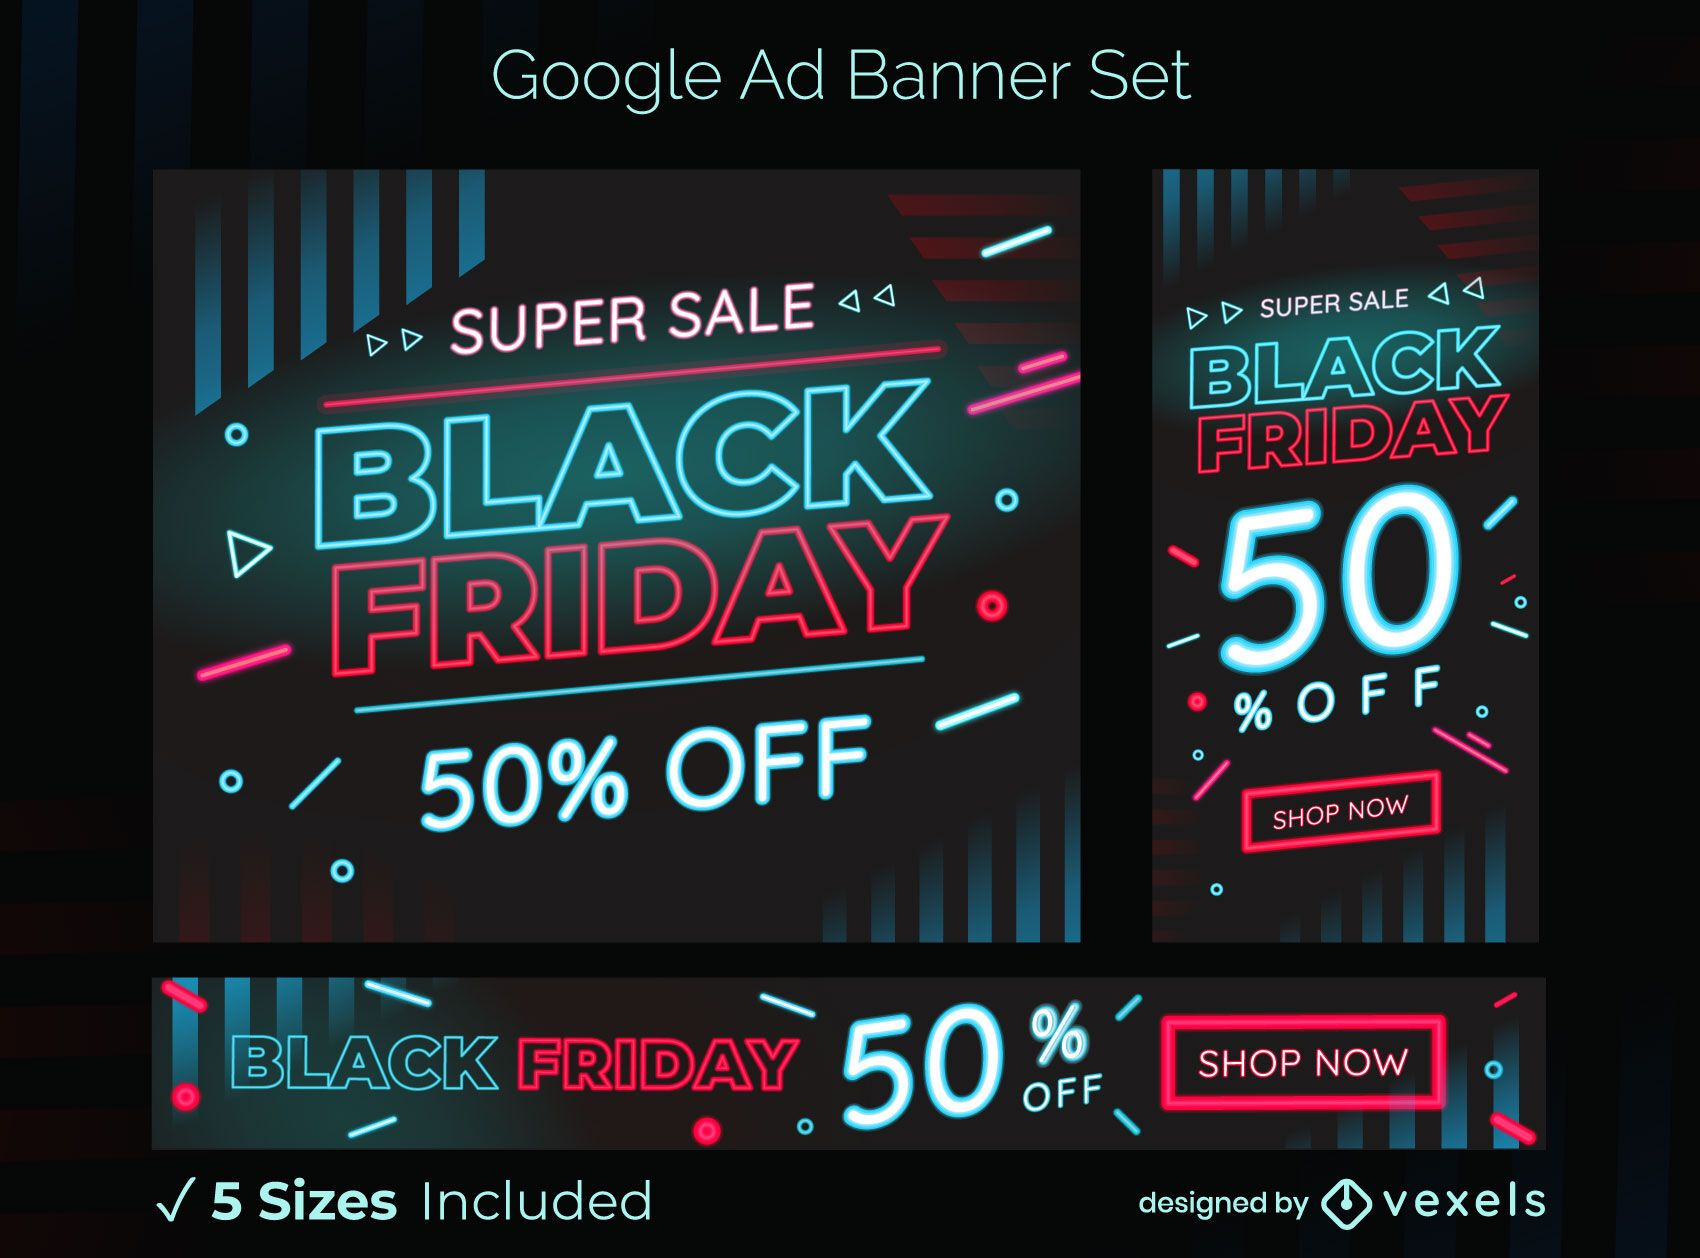 Black friday sale google ad banner set